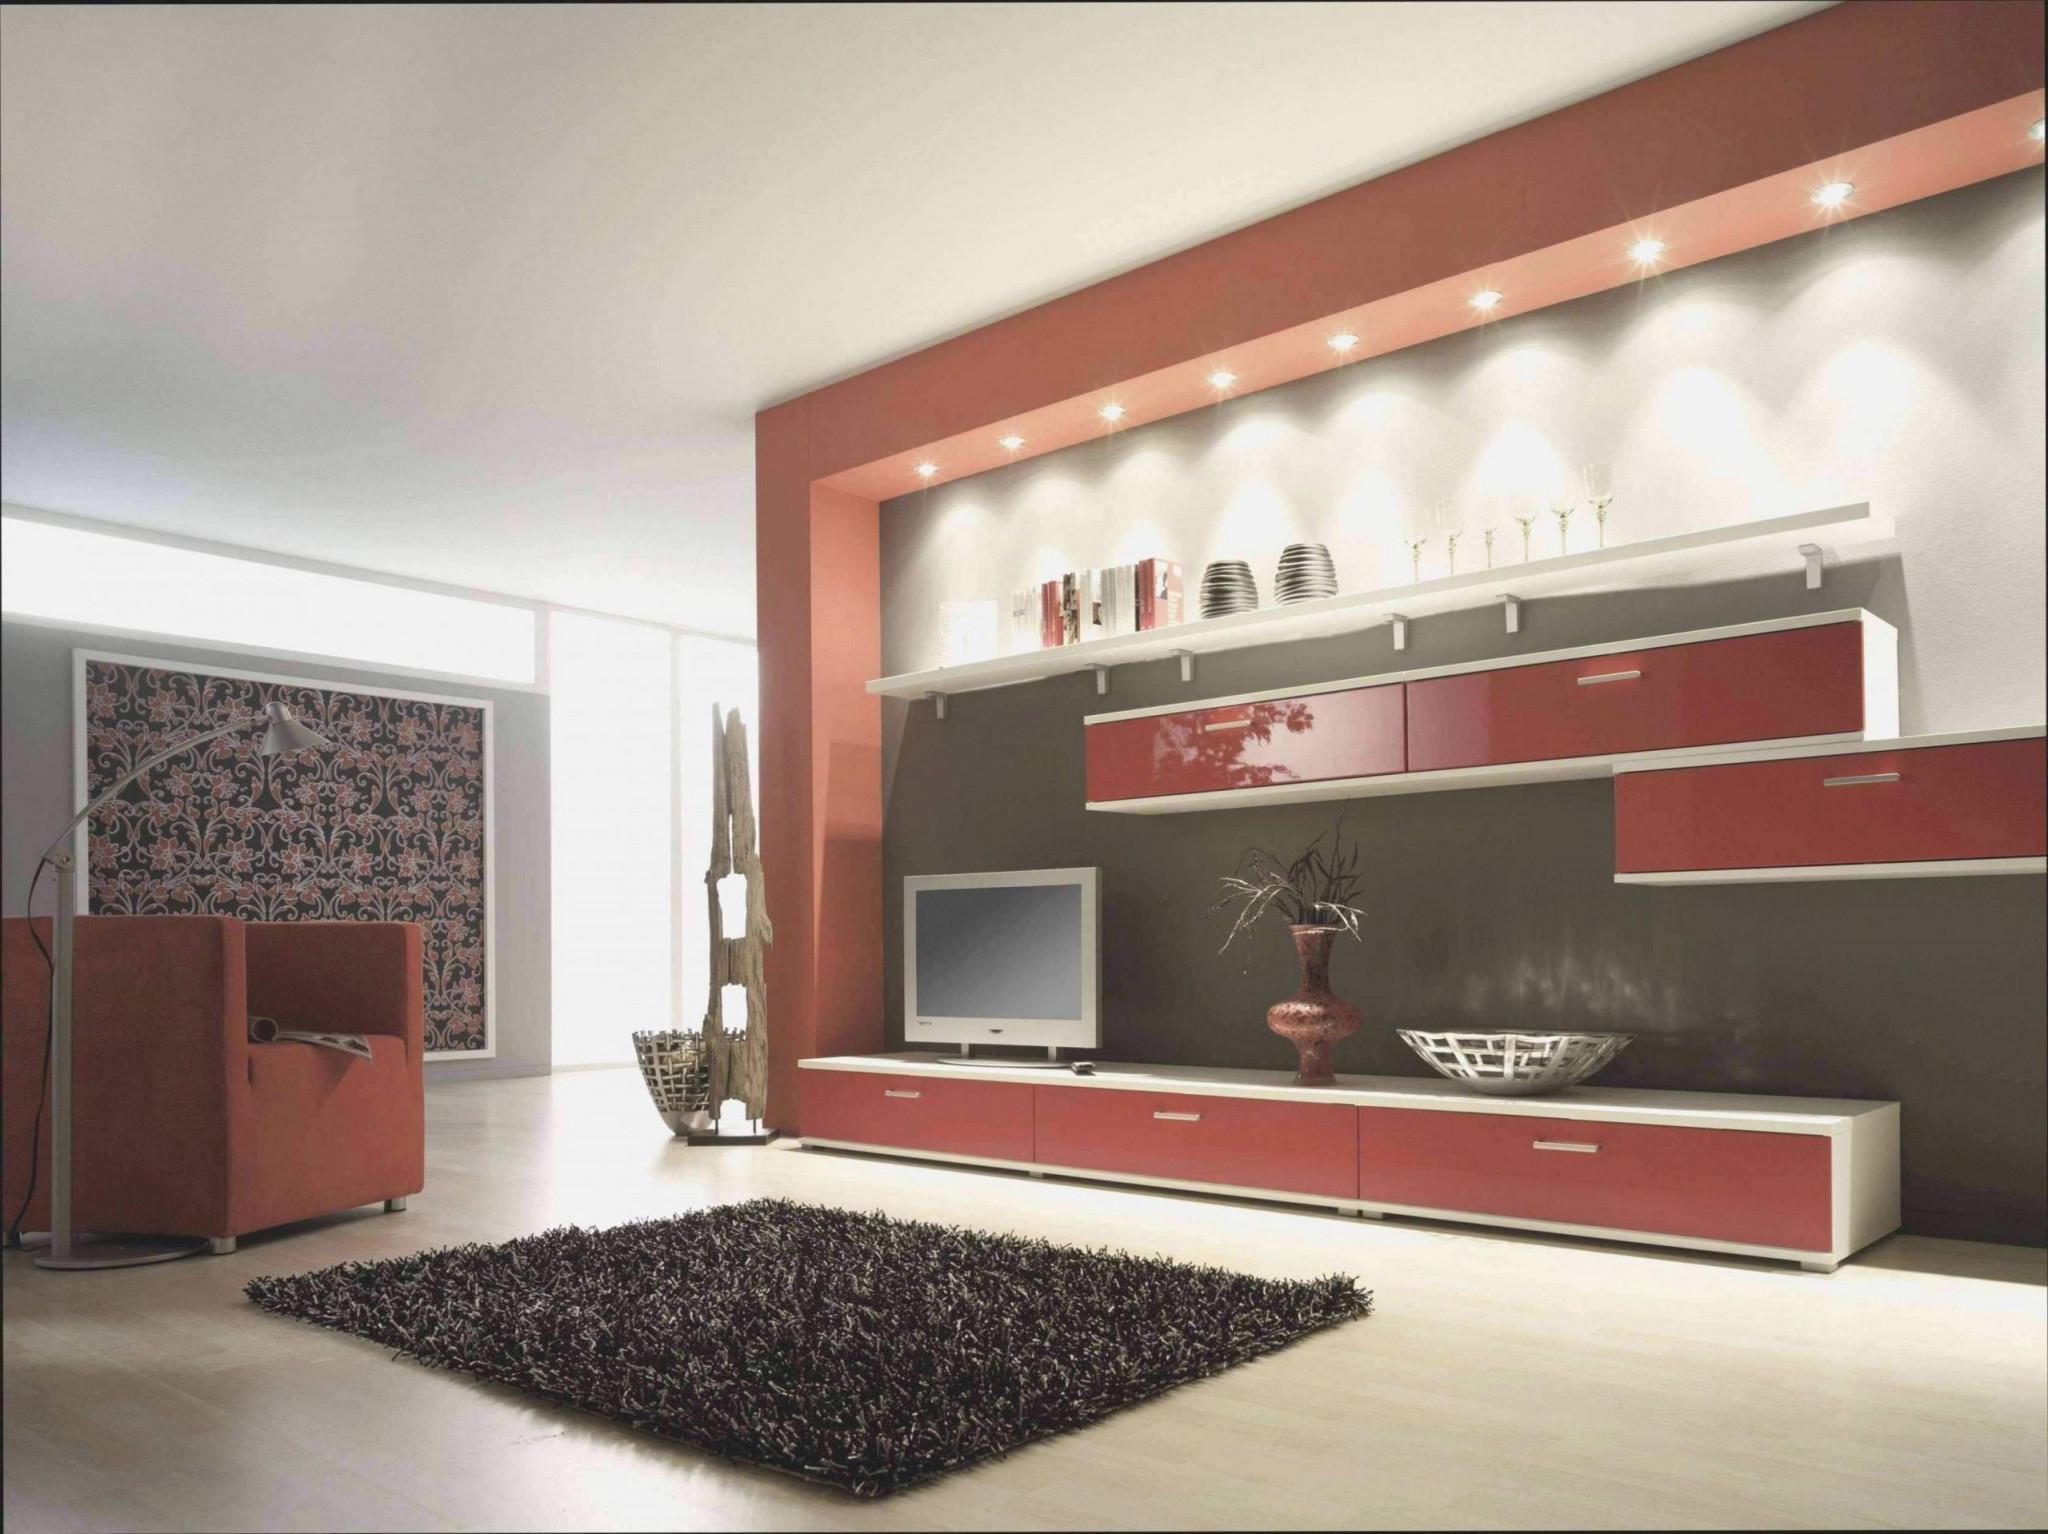 40 Genial Bilder Mit Rahmen Für Wohnzimmer Luxus von Bilder Mit Rahmen Für Wohnzimmer Photo